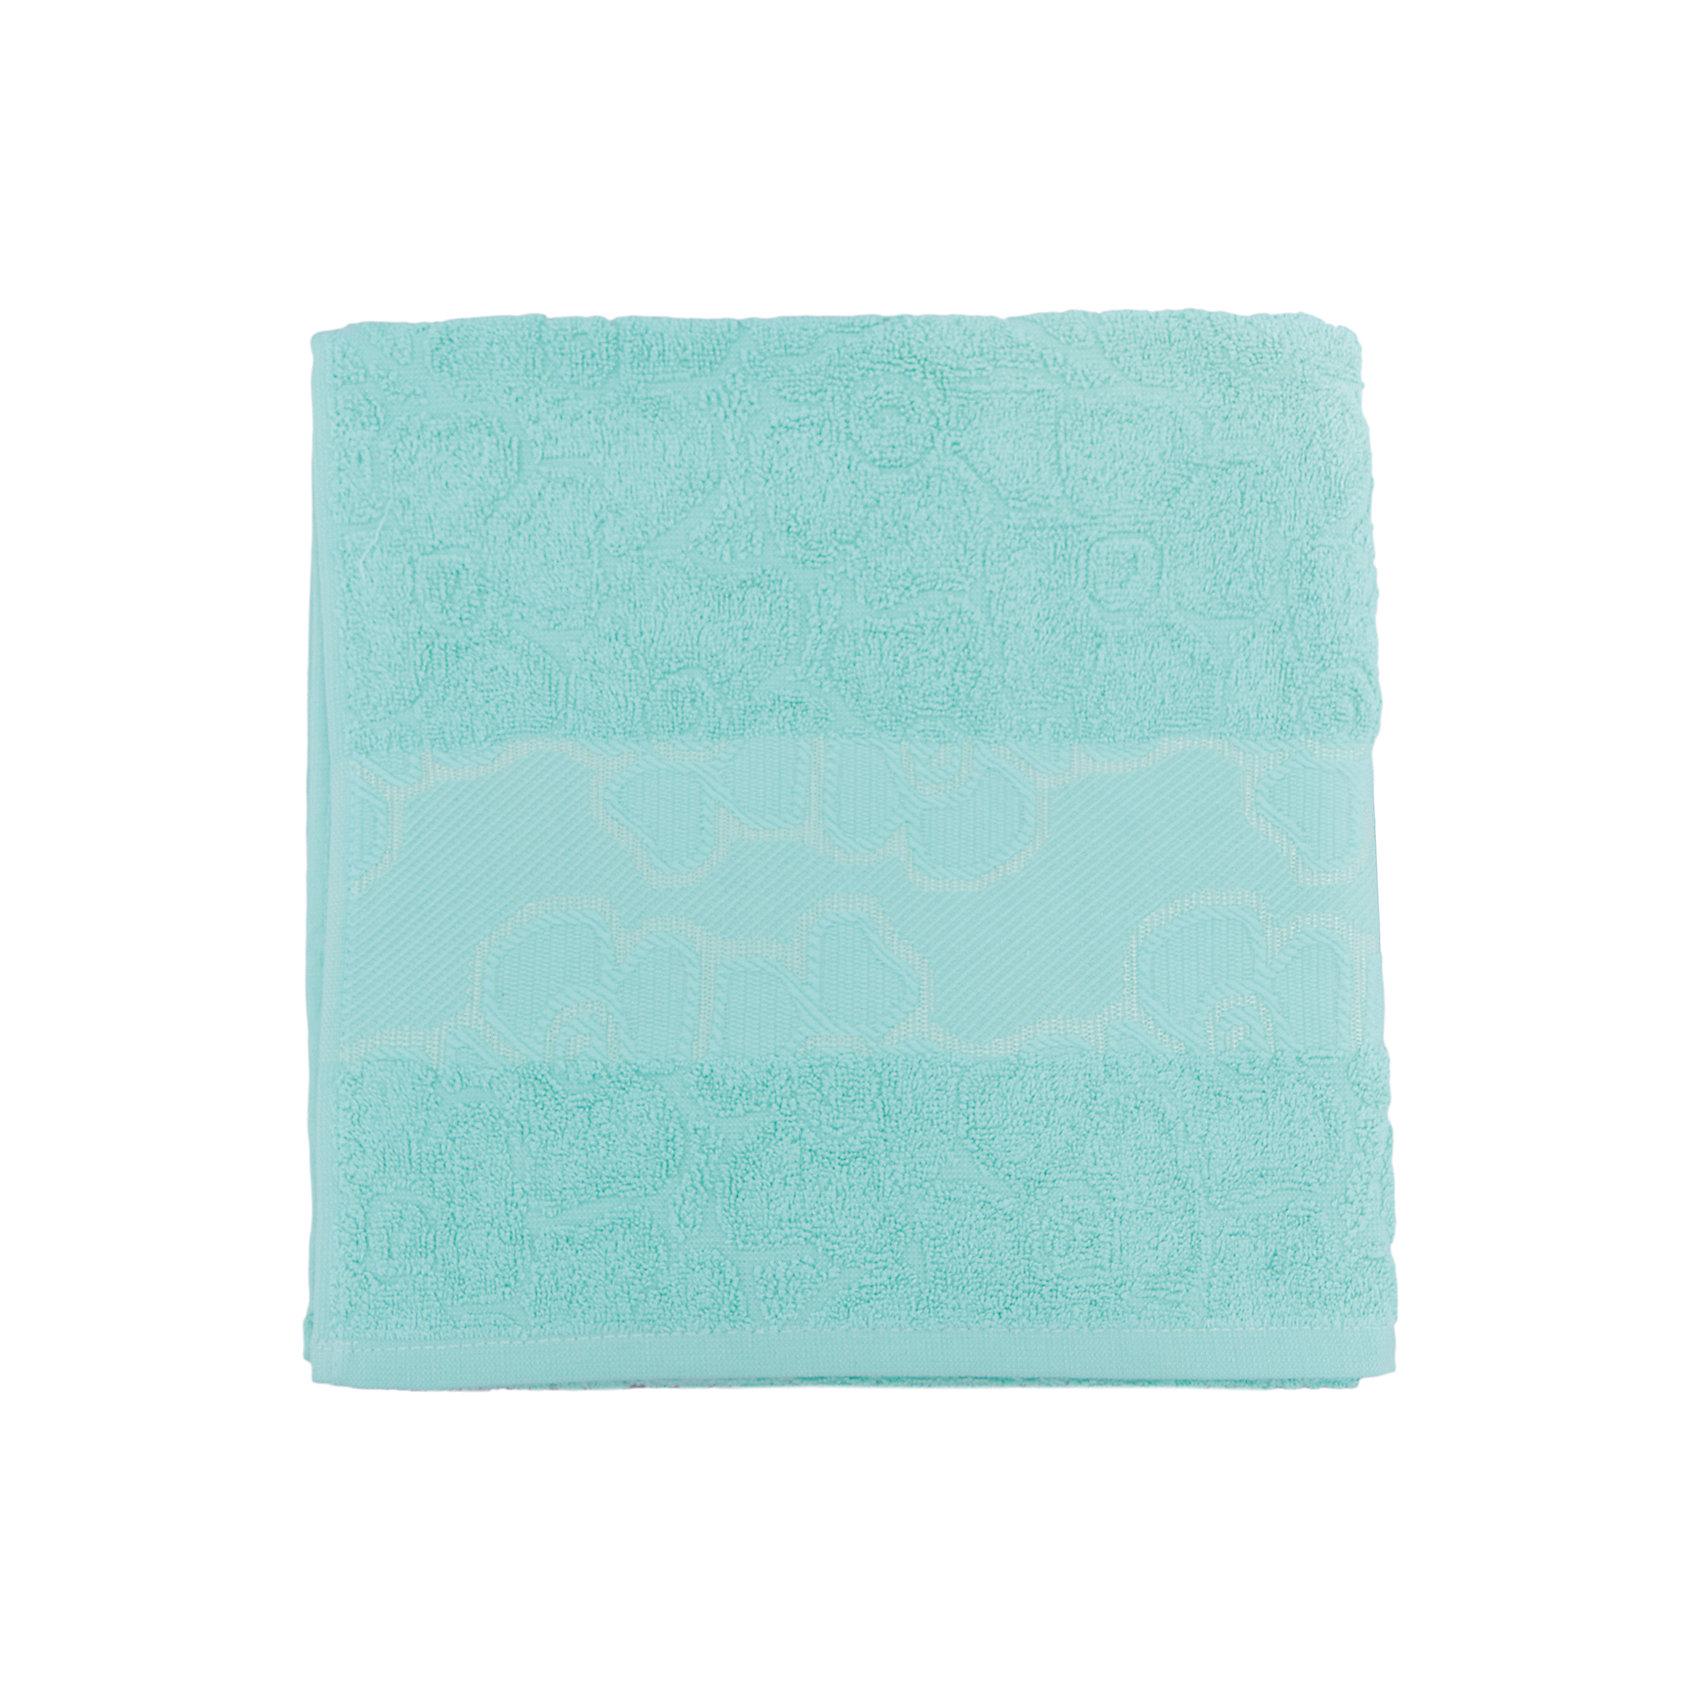 Полотенце махровое Viola 70*140, Португалия, ментоловыйВанная комната<br>Махровое полотенце Viola изготовлено из натурального хлопка, приятного телу. Полотенце отлично впитывает влагу, износостойкое и не теряет цвет при стирке. Приятный цвет и дизайн полотенца отлично впишется в вашу ванную комнату.<br><br>Дополнительная информация:<br>Материал: 100% хлопок<br>Плотность: 500 г/м2<br>Размер: 70х140 см<br>Цвет: ментоловый<br>Торговая марка: Португалия<br><br>Махровое полотенце Viola можно купить в нашем интернет-магазине.<br><br>Ширина мм: 500<br>Глубина мм: 500<br>Высота мм: 200<br>Вес г: 400<br>Возраст от месяцев: 0<br>Возраст до месяцев: 144<br>Пол: Унисекс<br>Возраст: Детский<br>SKU: 5010988